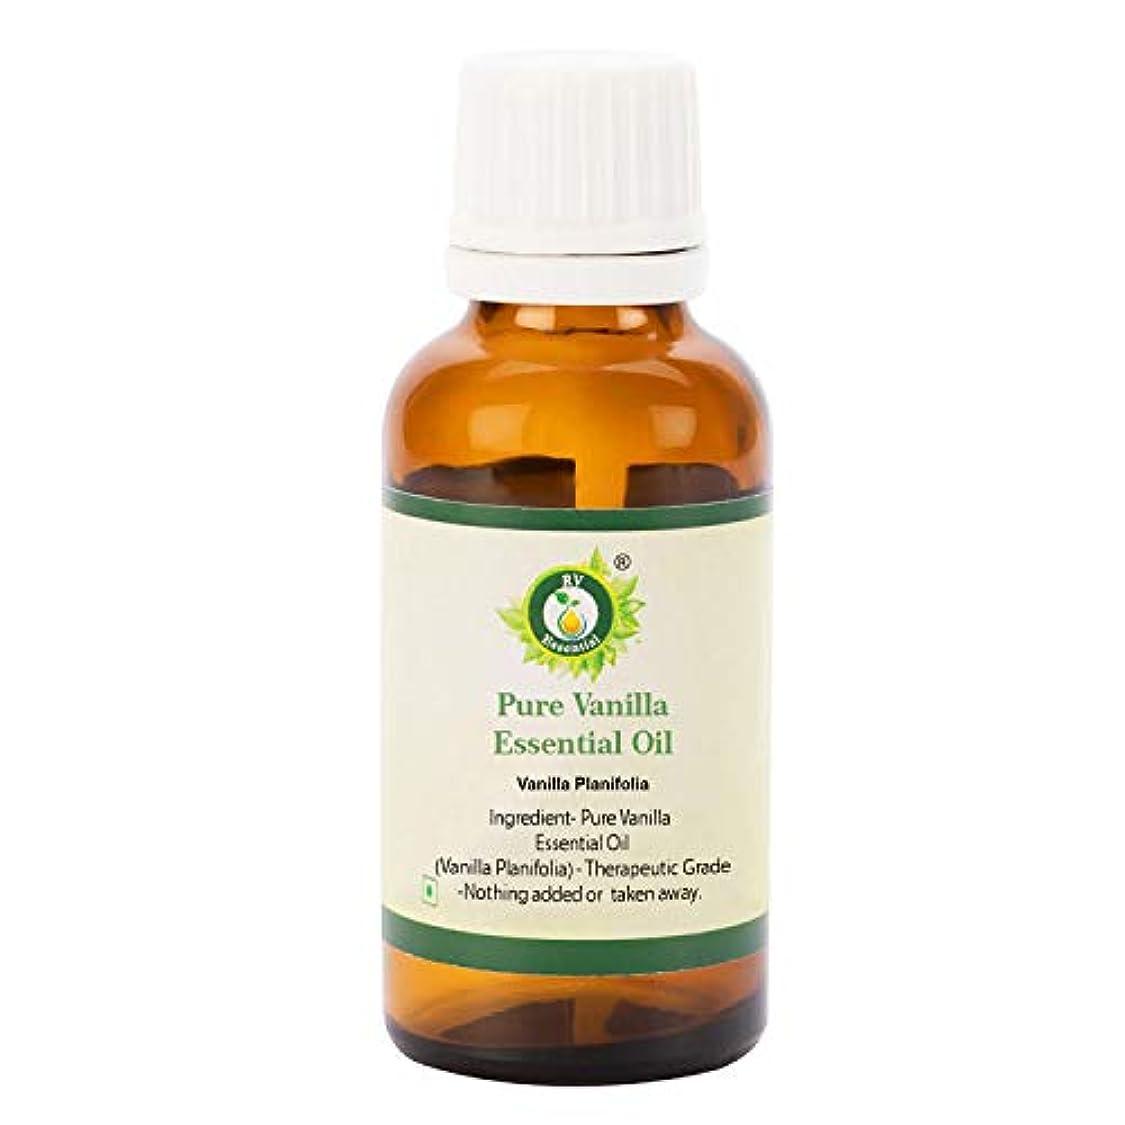 排除する視力信念R V Essential ピュアバニラエッセンシャルオイル30ml (1.01oz)- Vanilla Planifolia (100%純粋&天然) Pure Vanilla Essential Oil